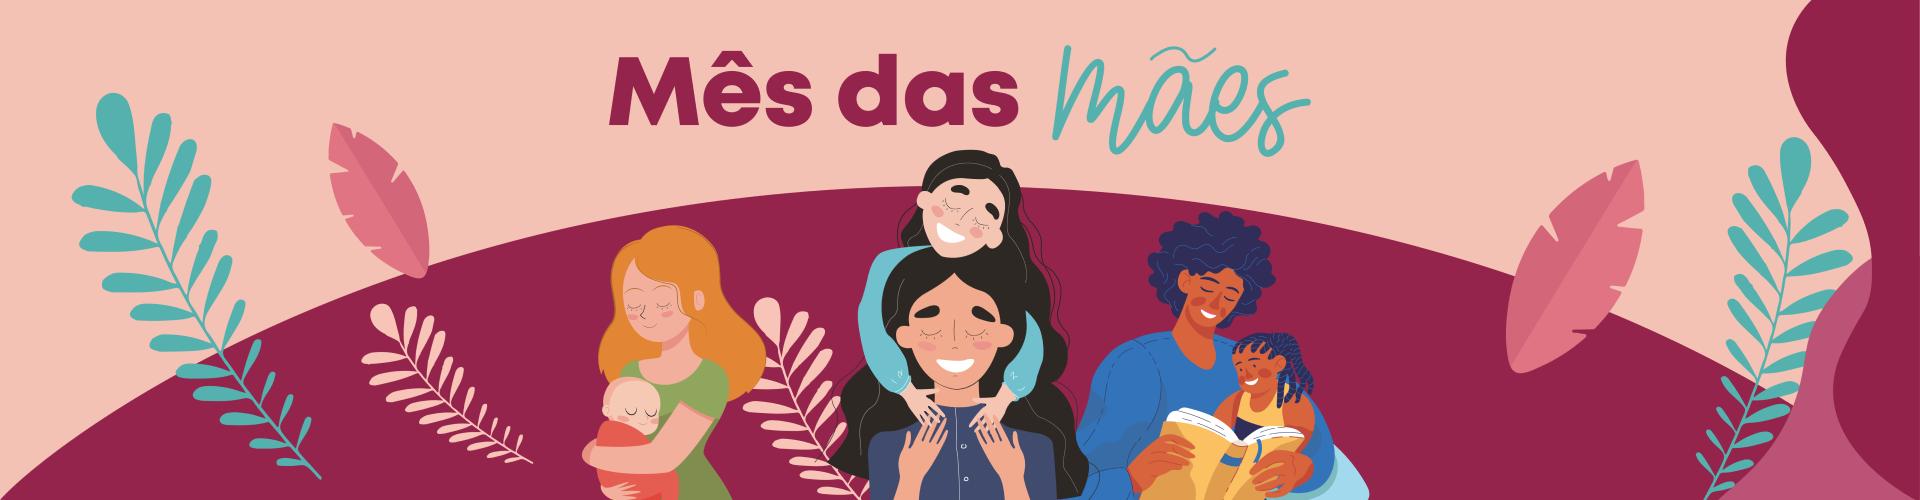 Banner Mês das Mães 2